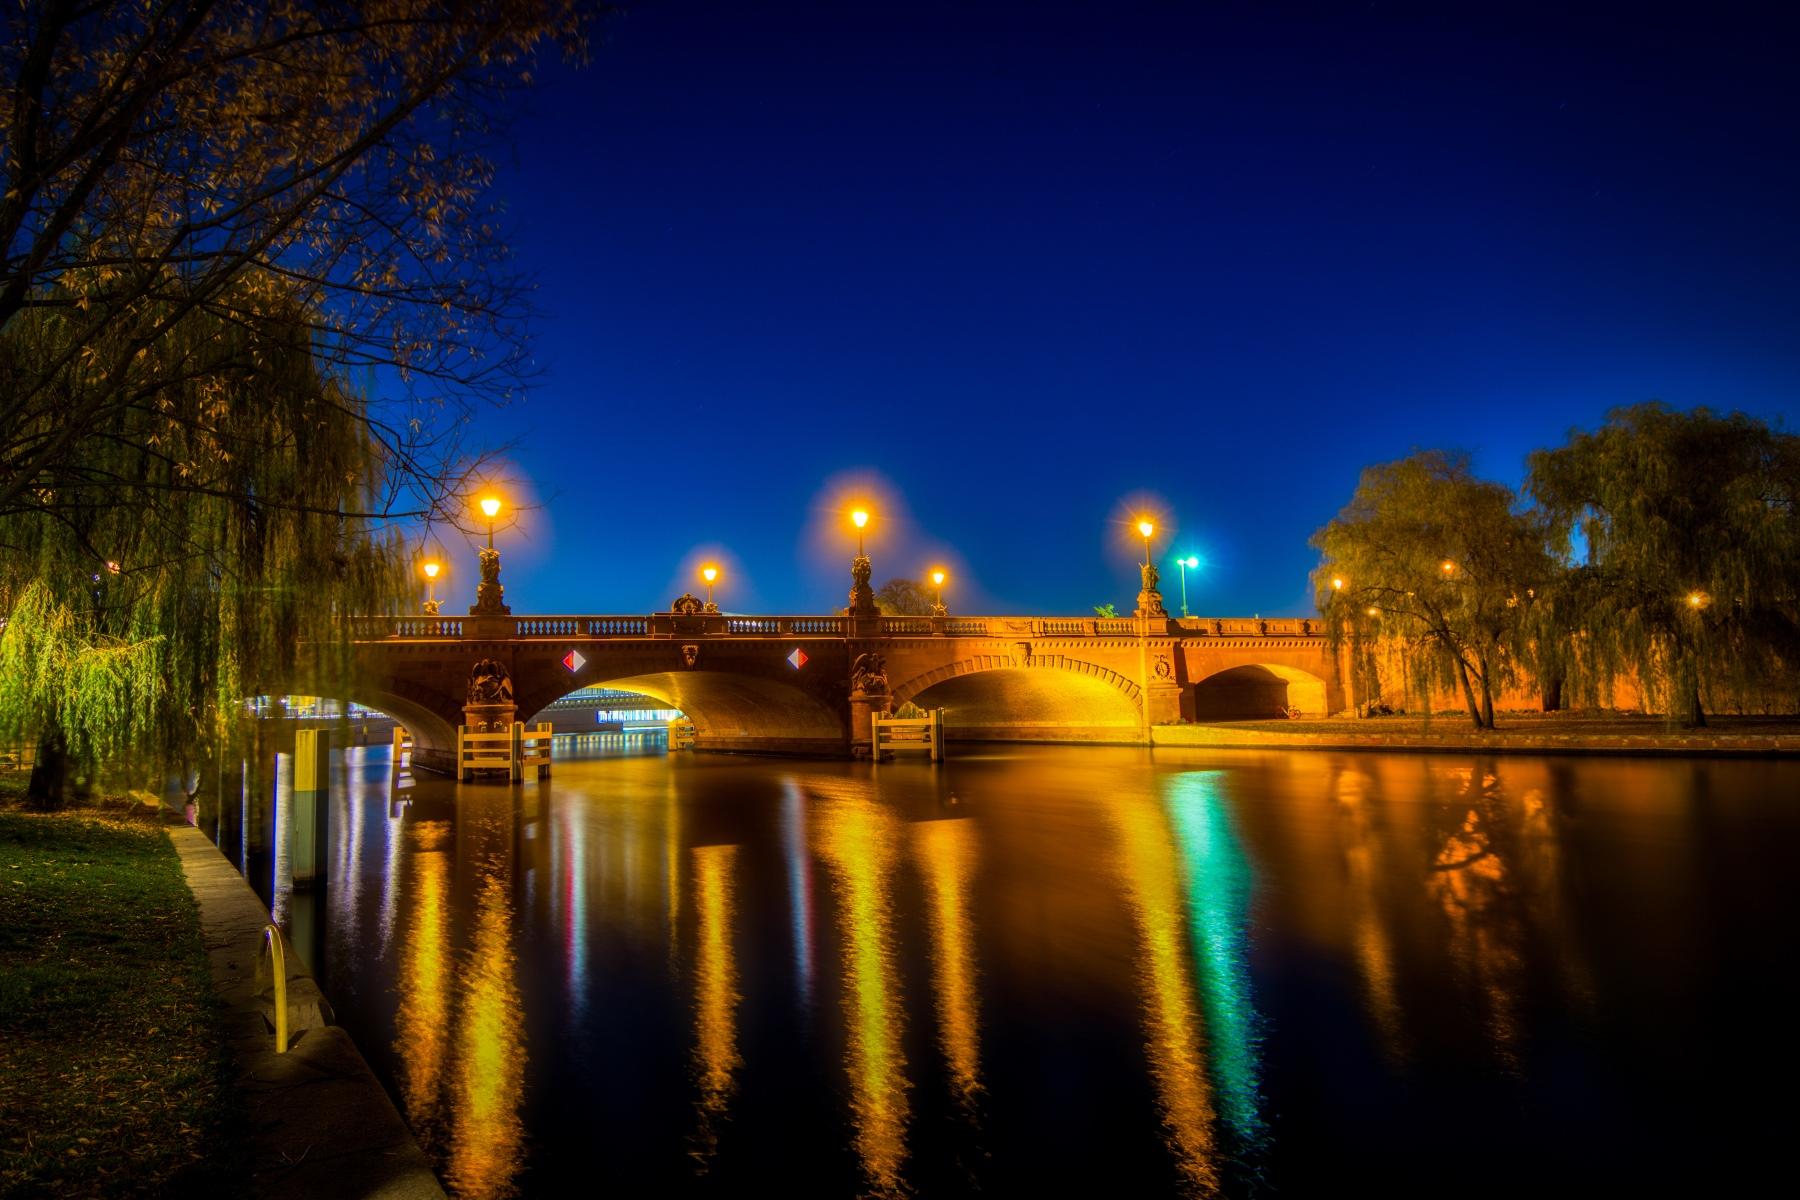 Moltkebrücke Berlin